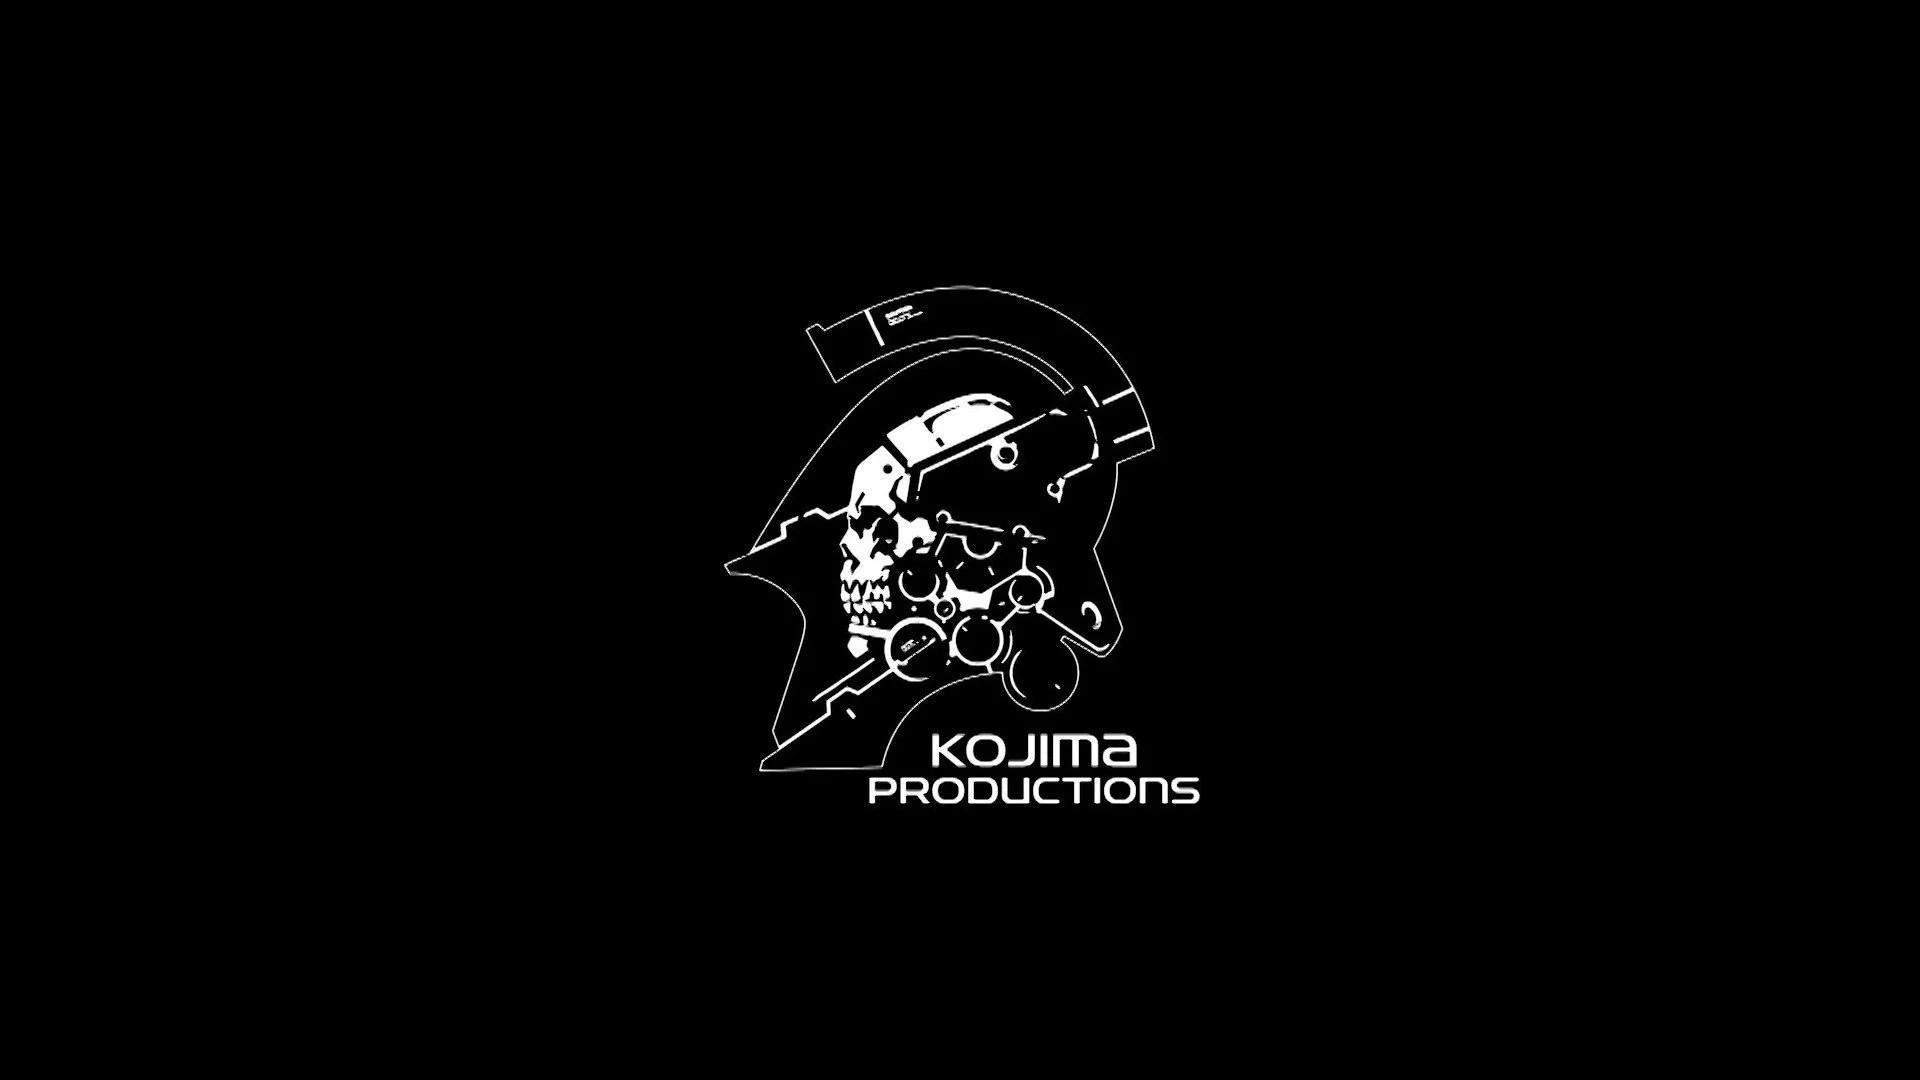 Kojima Productions опубликовали пост с призывом следить за новостями от студии 2